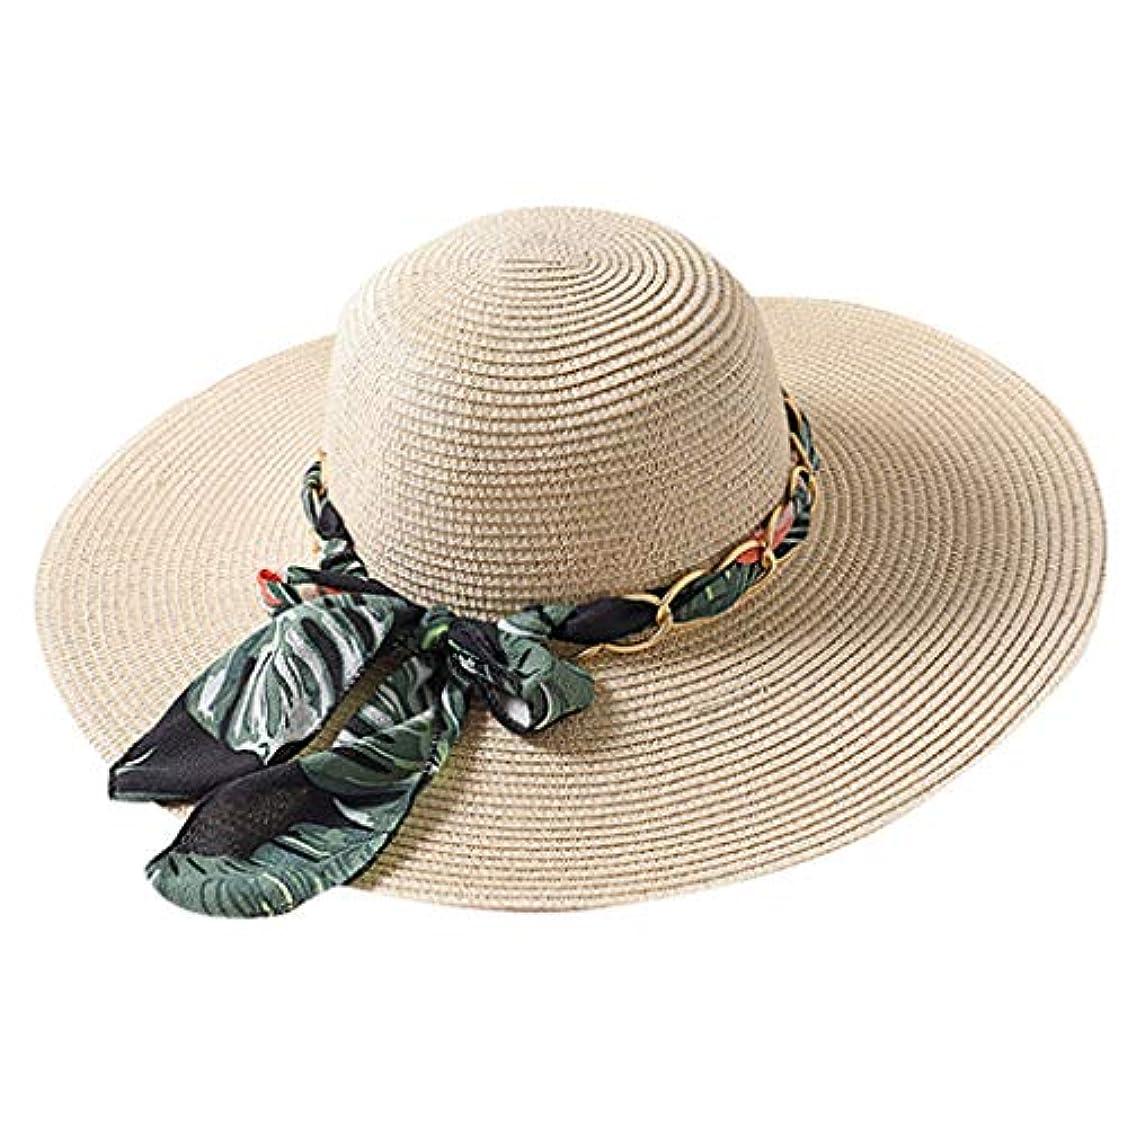 受信慢性的シビックファッション小物 夏 帽子 レディース UVカット 帽子 ハット レディース 紫外線対策 日焼け防止 取り外すあご紐 つば広 おしゃれ 可愛い 夏季 折りたたみ サイズ調節可 旅行 女優帽 小顔効果抜群 ROSE ROMAN